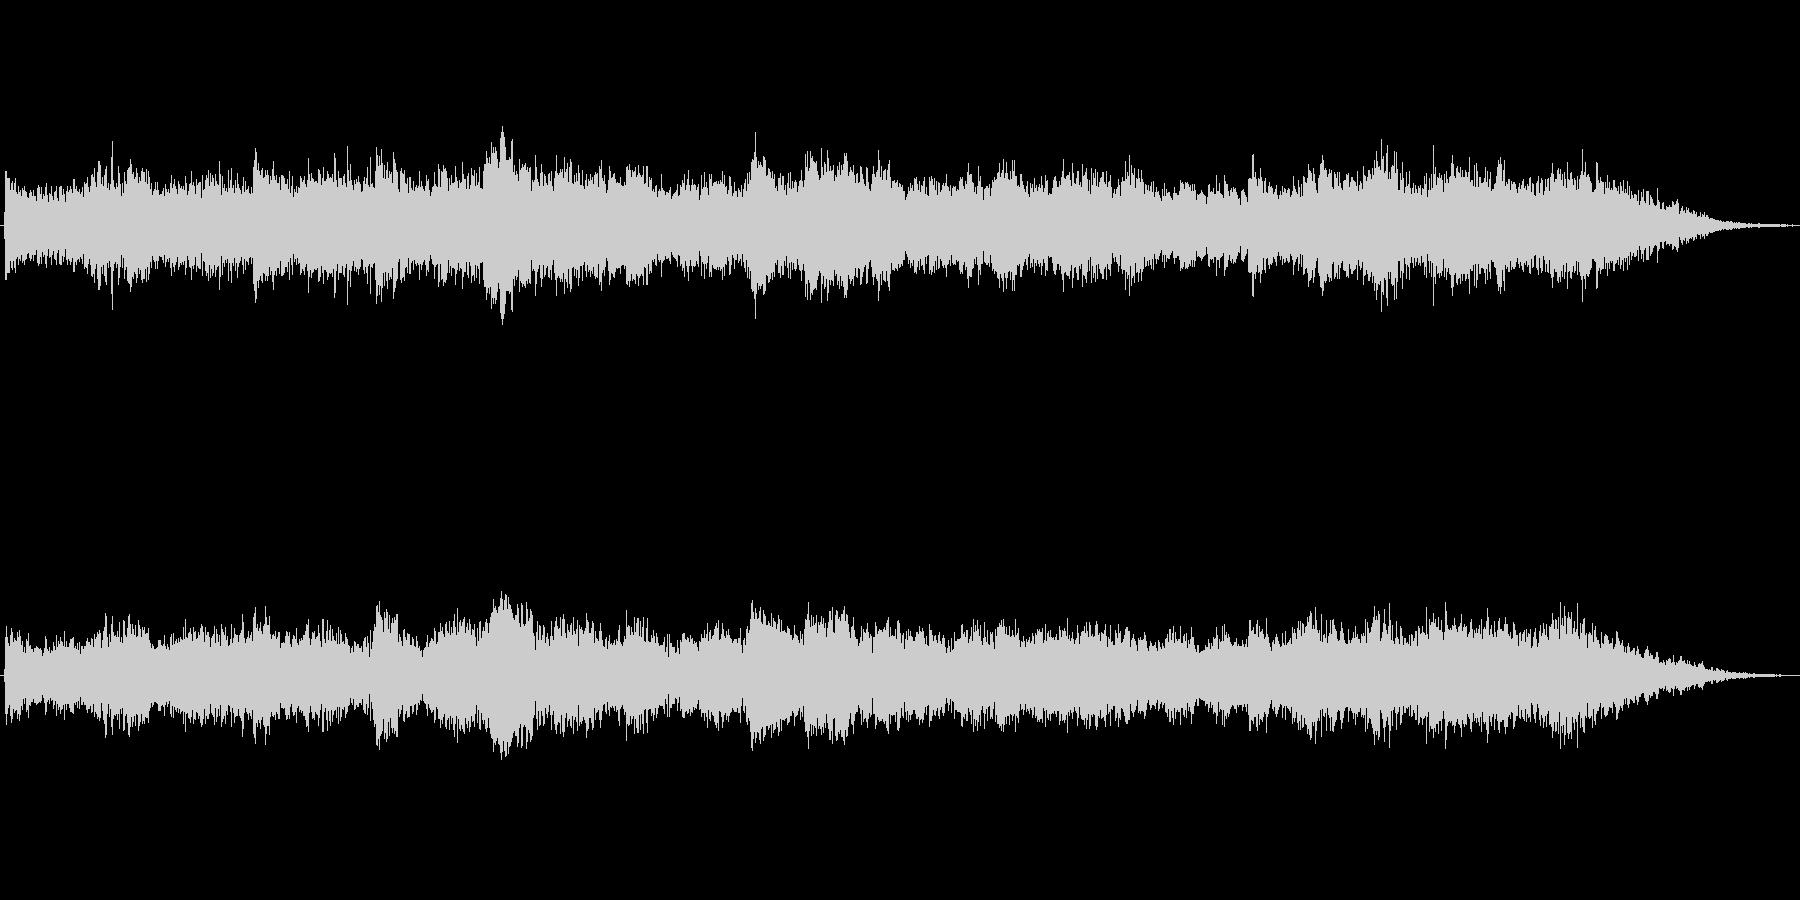 キラキラシンセのメルヘン世界のジングル3の未再生の波形